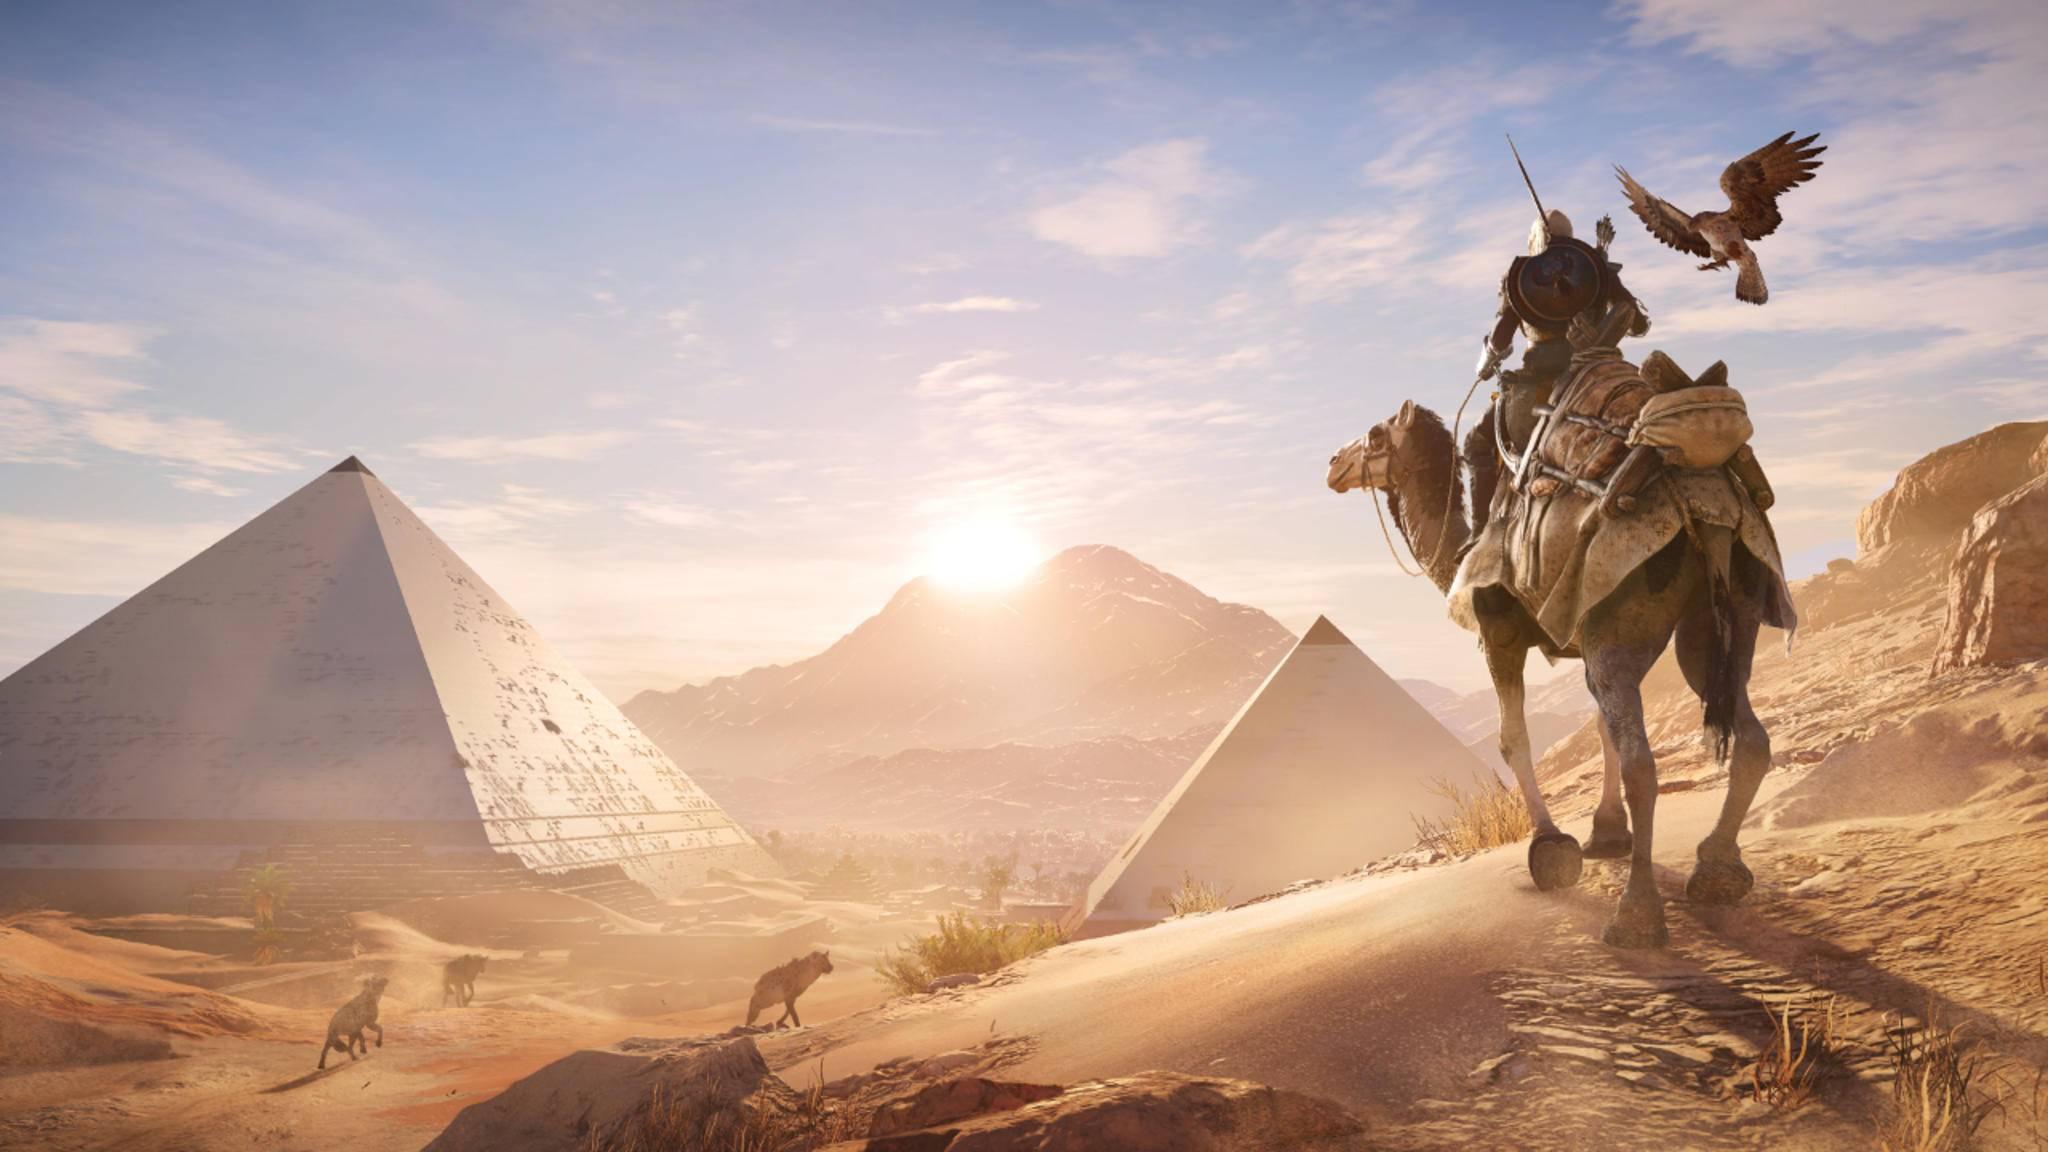 """""""Assassin's Creed: Origins"""" wird für die Xbox One X optimiert, angeblich bietet es (nicht natives) 4K und HDR bei 30 FPS."""